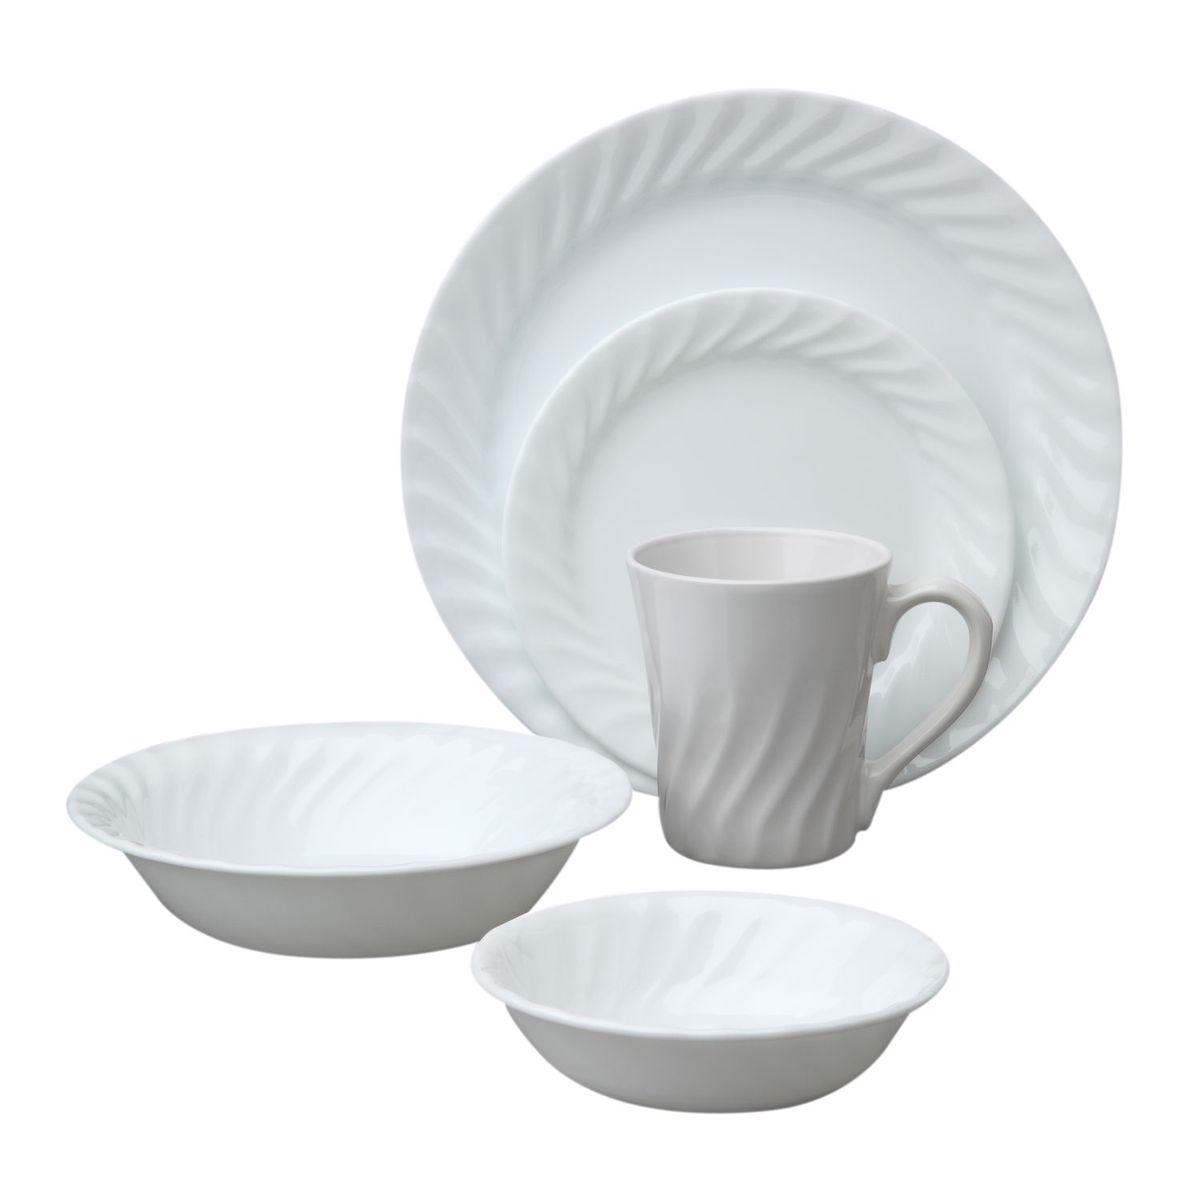 Набор посуды Enhancements 30пр, цвет: белый1088660Преимуществами посуды Corelle являются долговечность, красота и безопасность в использовании. Вся посуда Corelle изготавливается из высококачественного ударопрочного трехслойного стекла Vitrelle и украшена деколями американских и европейских дизайнеров. Рисунки не стираются и не царапаются, не теряют свою яркость на протяжении многих лет. Посуда Corelle не впитывает запахов и очень долгое время выглядит как новая. Уникальная эмаль, используемая во время декорирования, фактически становится единым целым с поверхностью стекла, что гарантирует долгое сохранение нанесенного рисунка. Еще одним из главных преимуществ посуды Corelle является ее безопасность. В производстве используются только безопасные для пищи пигменты эмали, при производстве посуды не применяется вредный для здоровья человека меламин. Изделия из материала Vitrelle: Прочные и легкие; Выдерживают температуру до 180С; Могут использоваться в посудомоечной машине и микроволновой печи; Штабелируемые; Устойчивы к царапинам; Ударопрочные; Не содержит меламин.6 обеденных тарелок 26 см; 6 десертных тарелок 18 см; 6 Салатник 300 мл; 6 суповых тарелок 530 мл; 6 фарфоровых кружек 270 мл